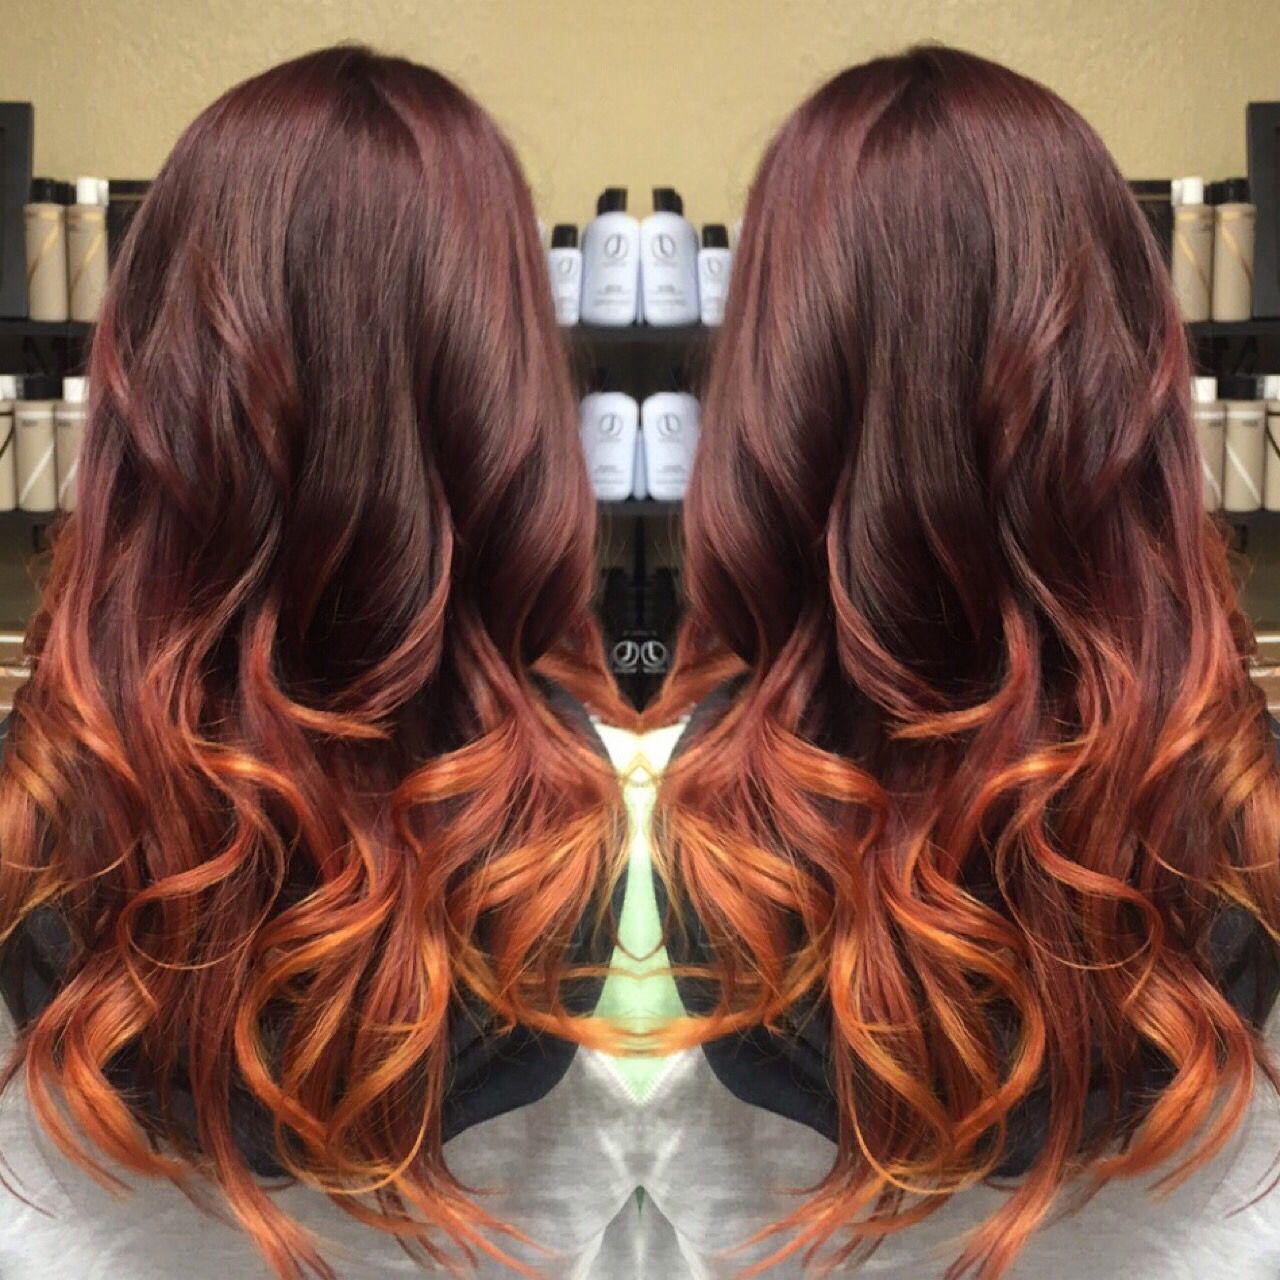 Instagram Hairstylist Aubrey Sunset Balayage Ombre Aubrey M Strands Hair Studio Littleton Co